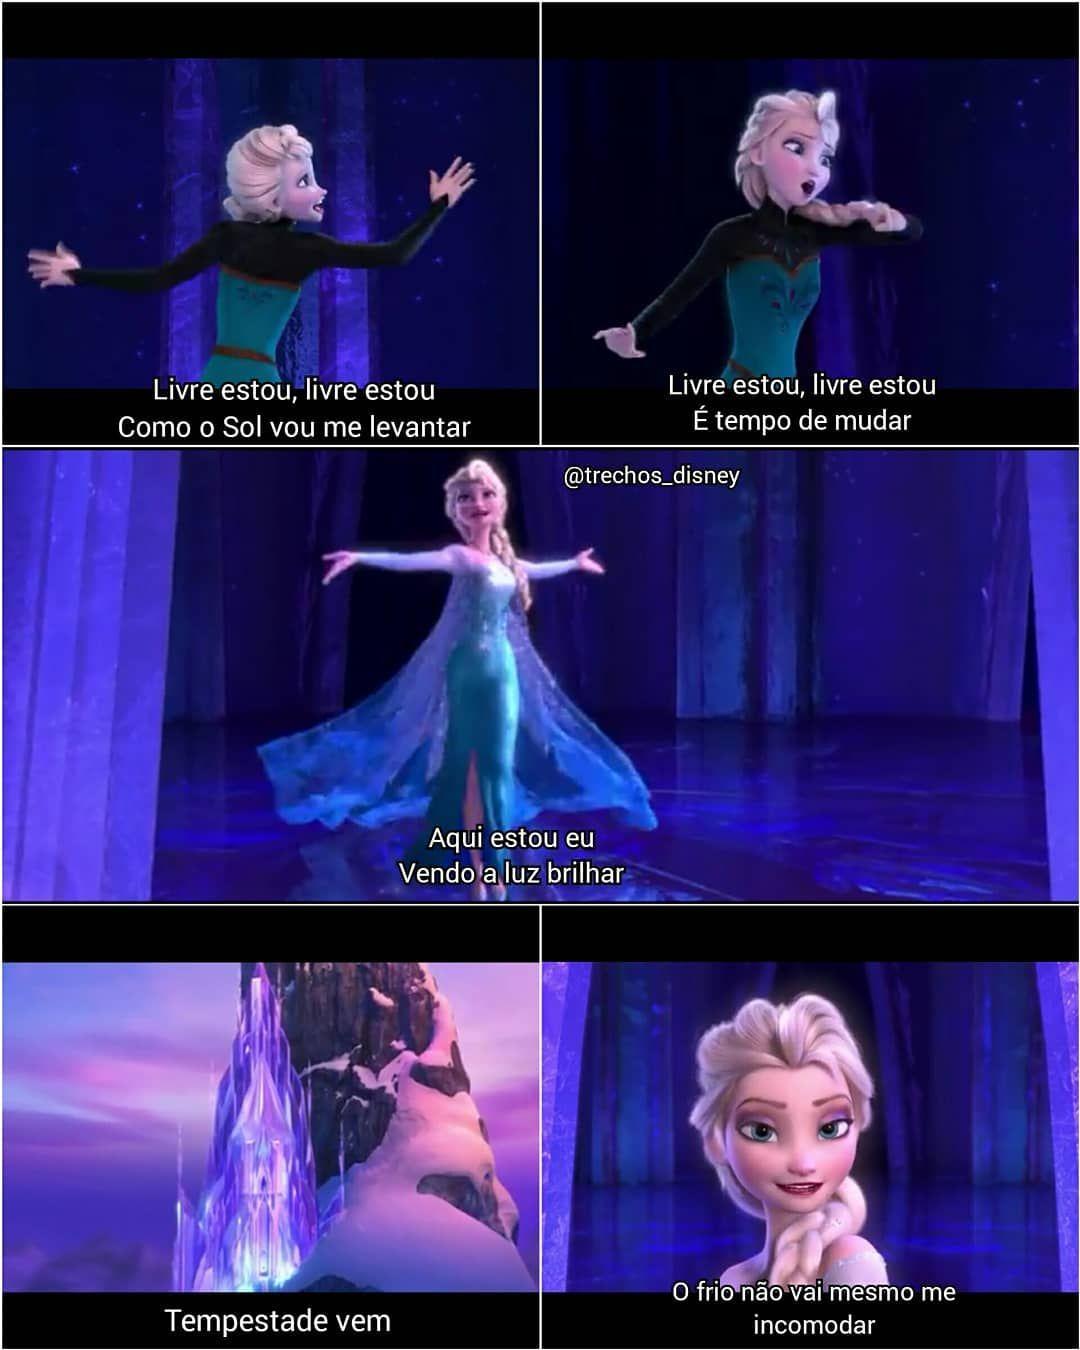 Trechos Disney Disney Disney Movies Frozen Let It Go